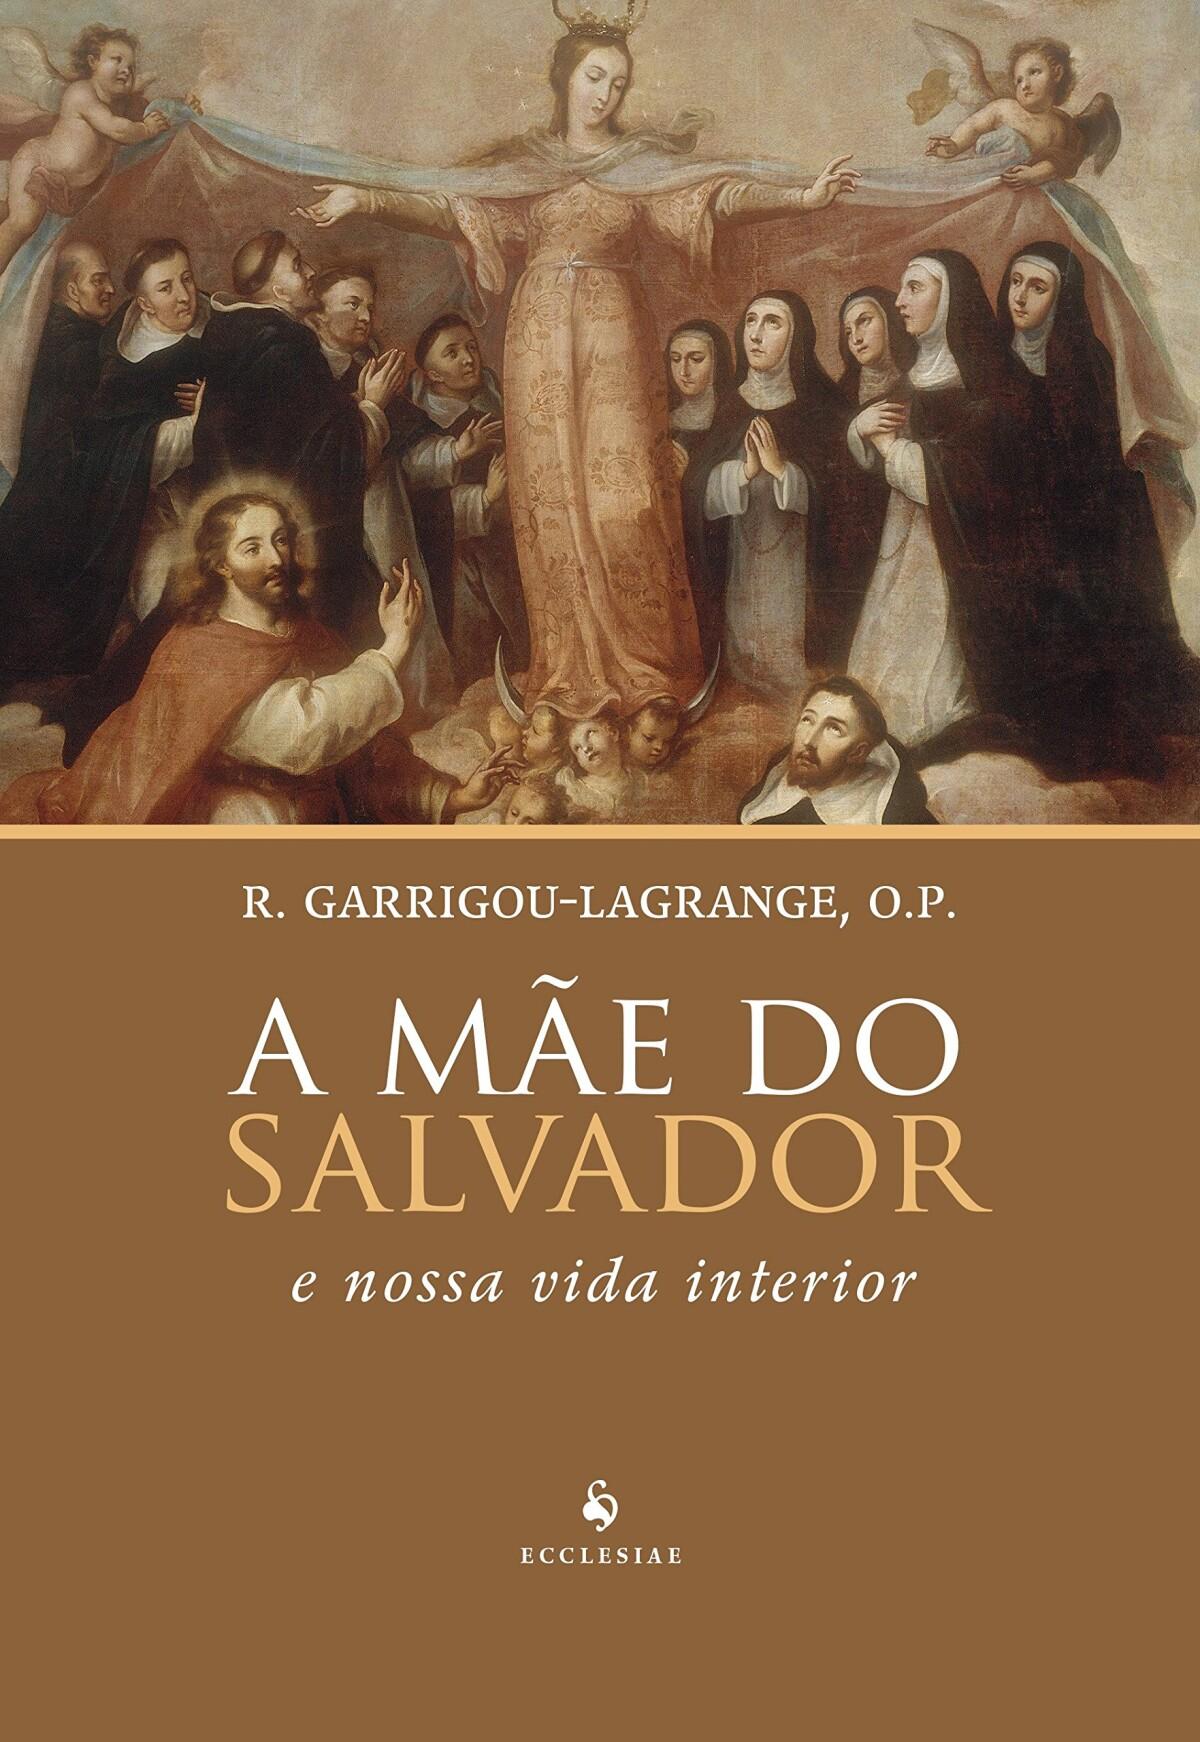 Foto 1 - A Mãe do Salvador - E Nossa Vida Interior